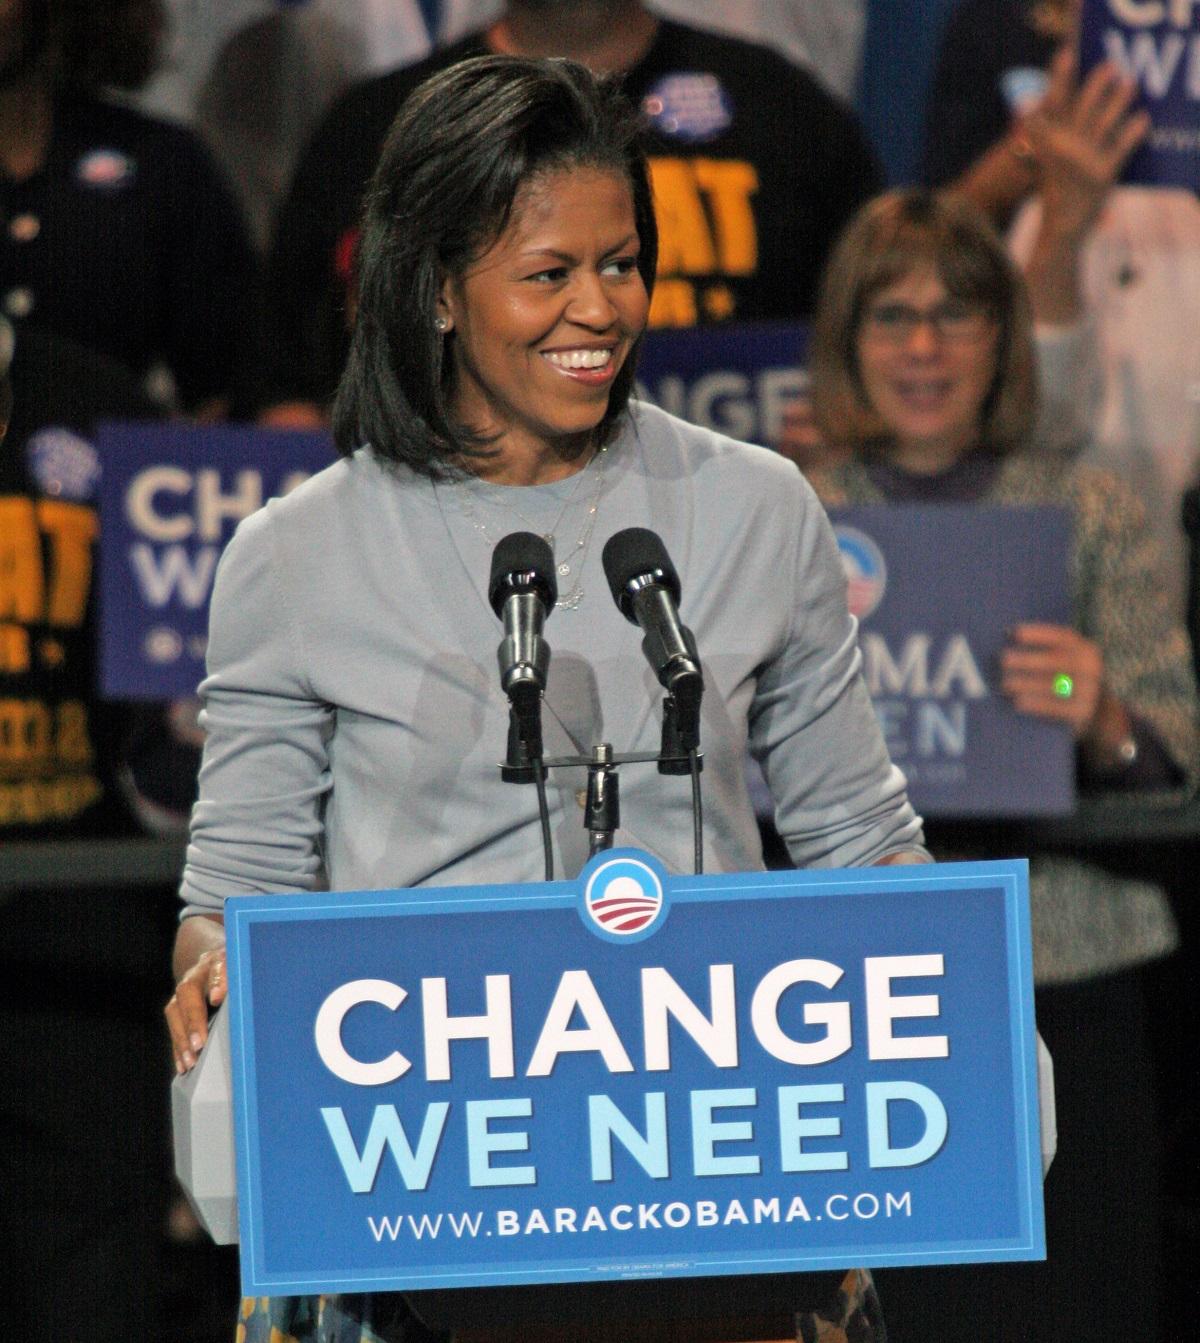 michelle_obama_2008-10-22_1